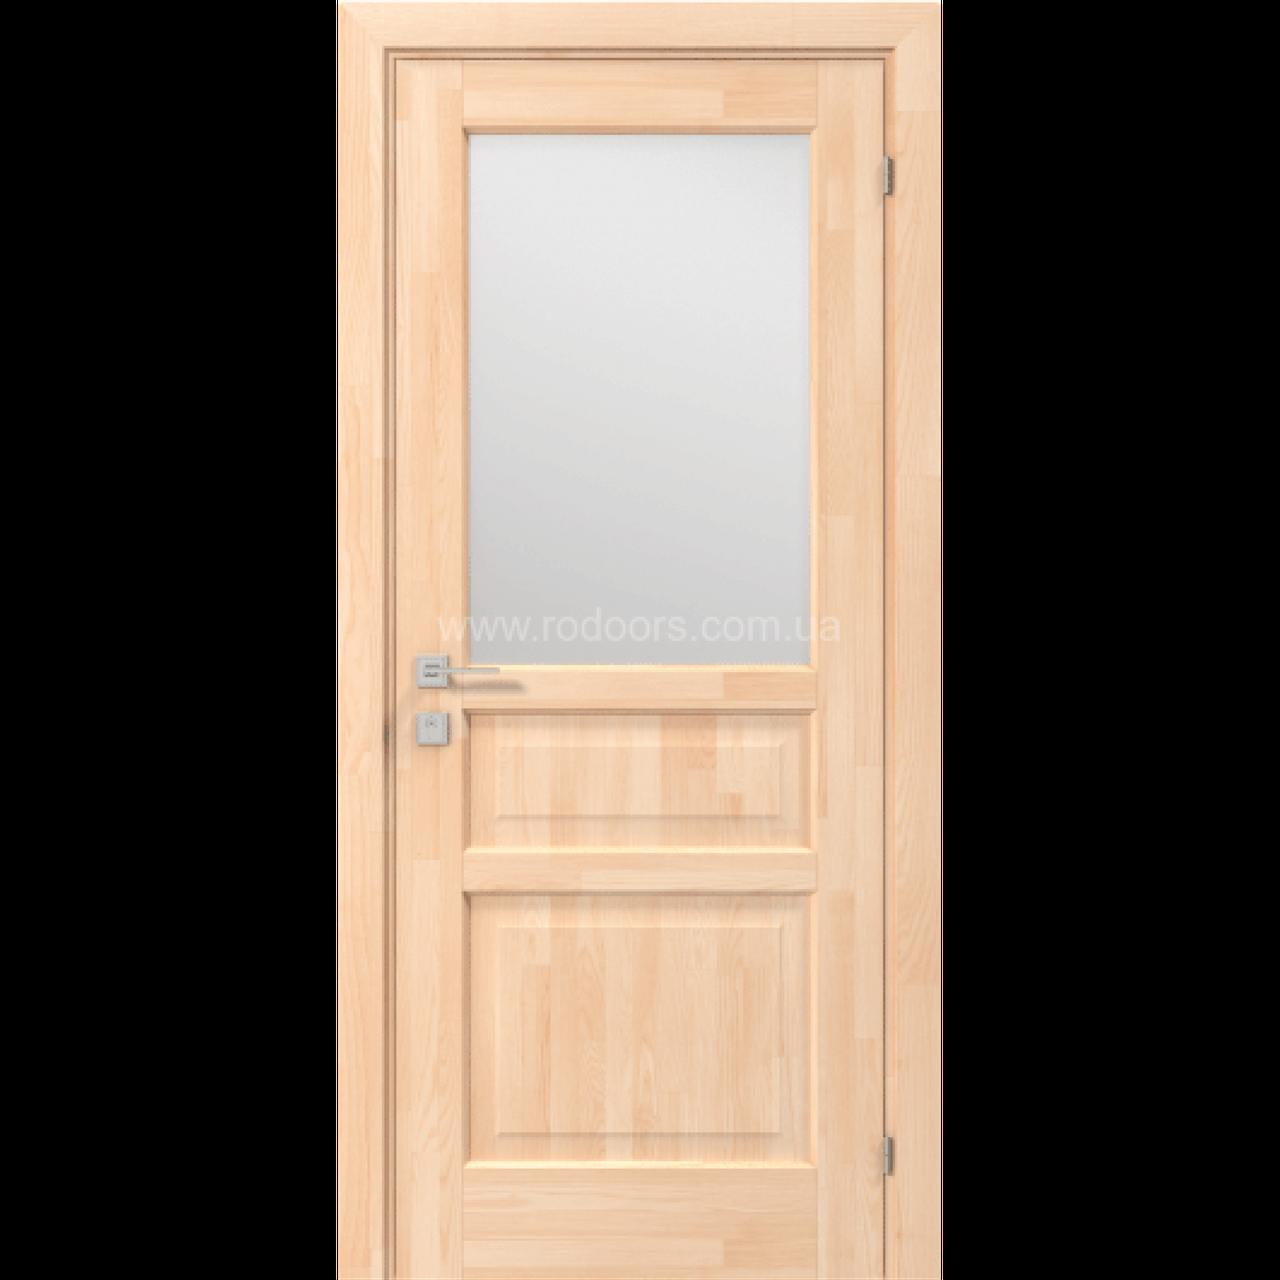 Міжкімнатні двері Rodos Wood Mix Praktic (вставка матове скло)